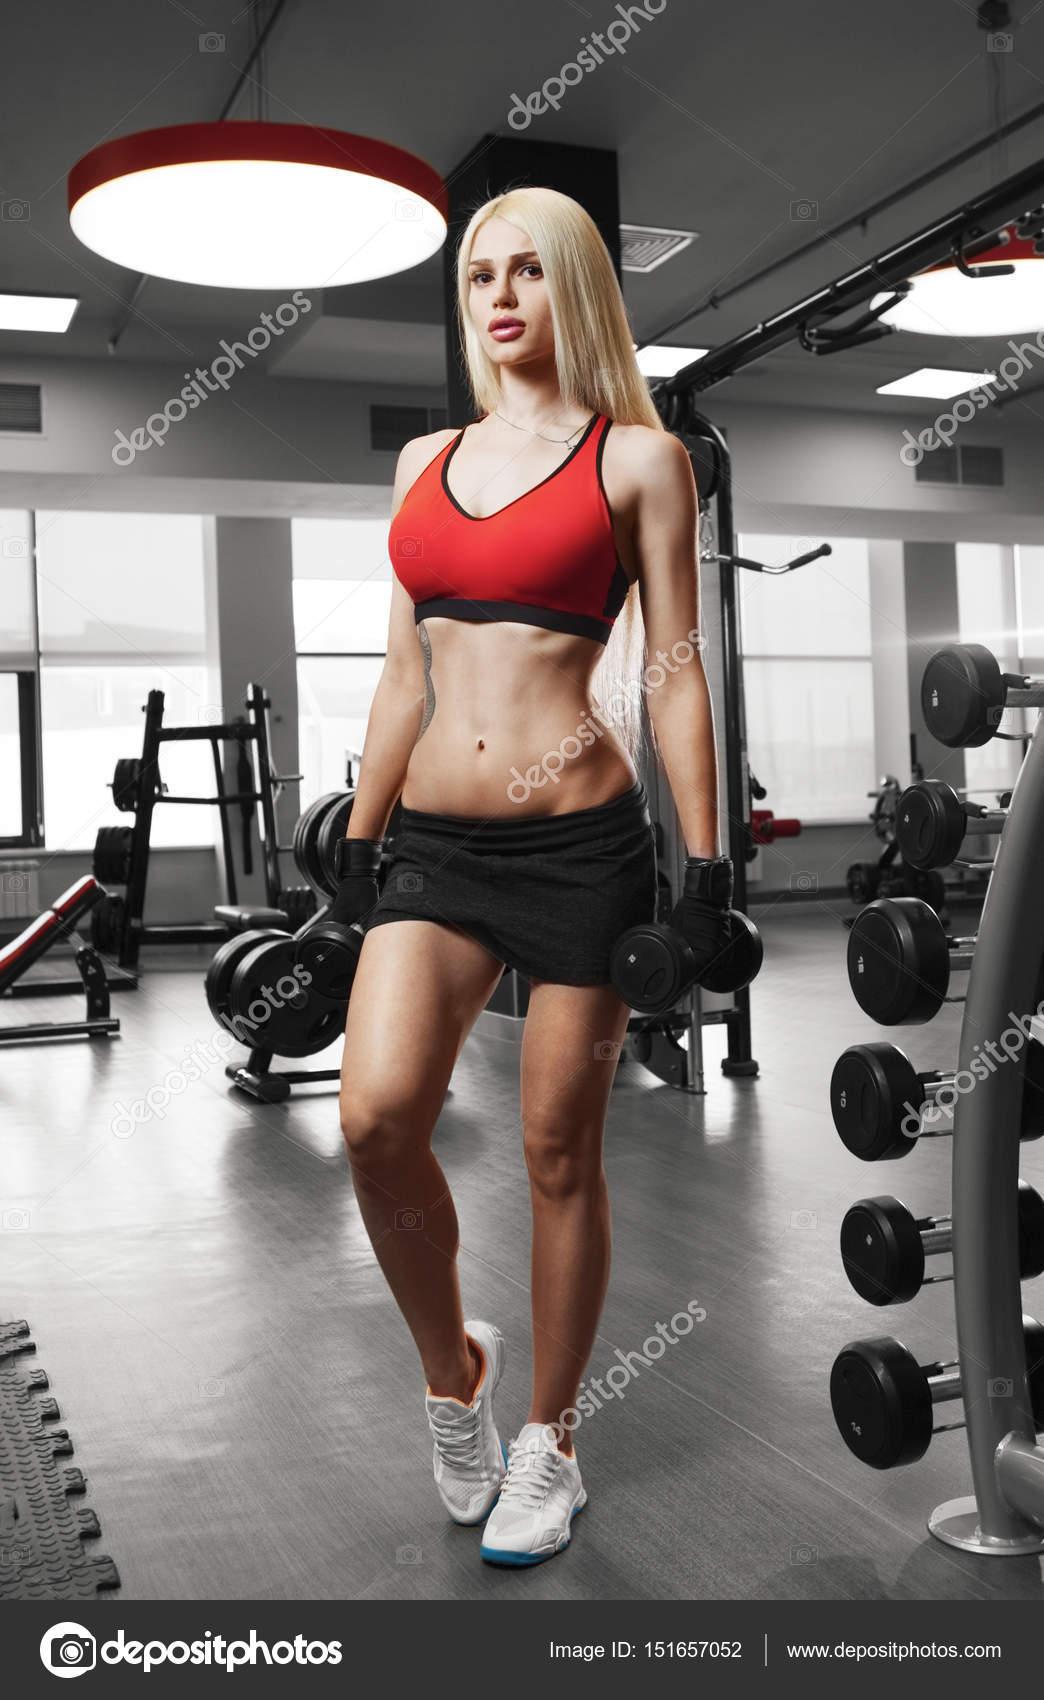 Gimnasio femenino con cuerpo musculoso listo mano guantes para  entrenamiento - ropa deportiva sexi para mujeres — Foto de restyler — Foto  ... 724109449db0